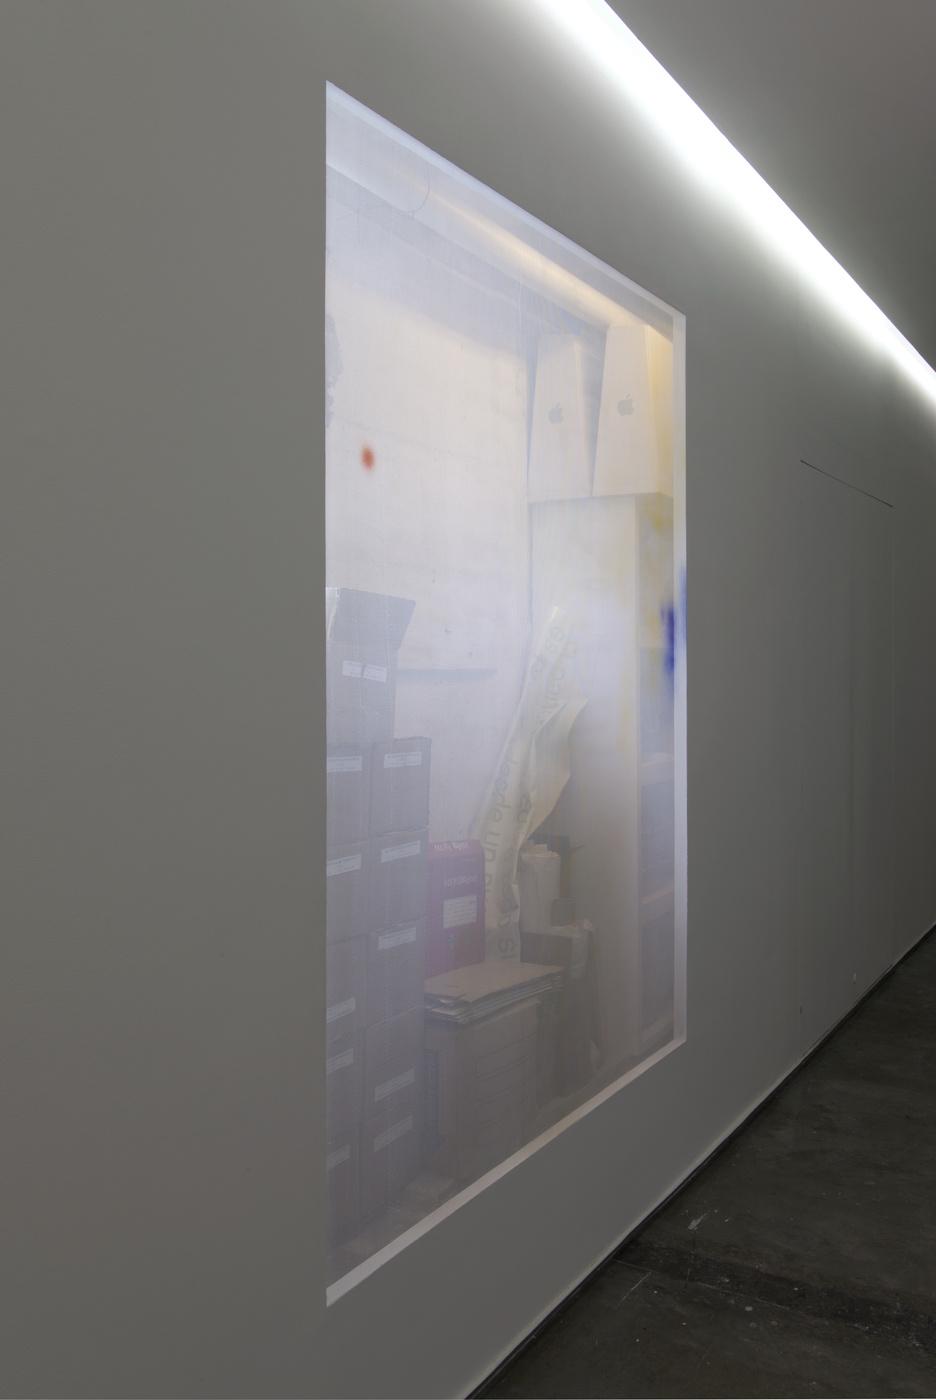 02_Heinemann_Window Piece